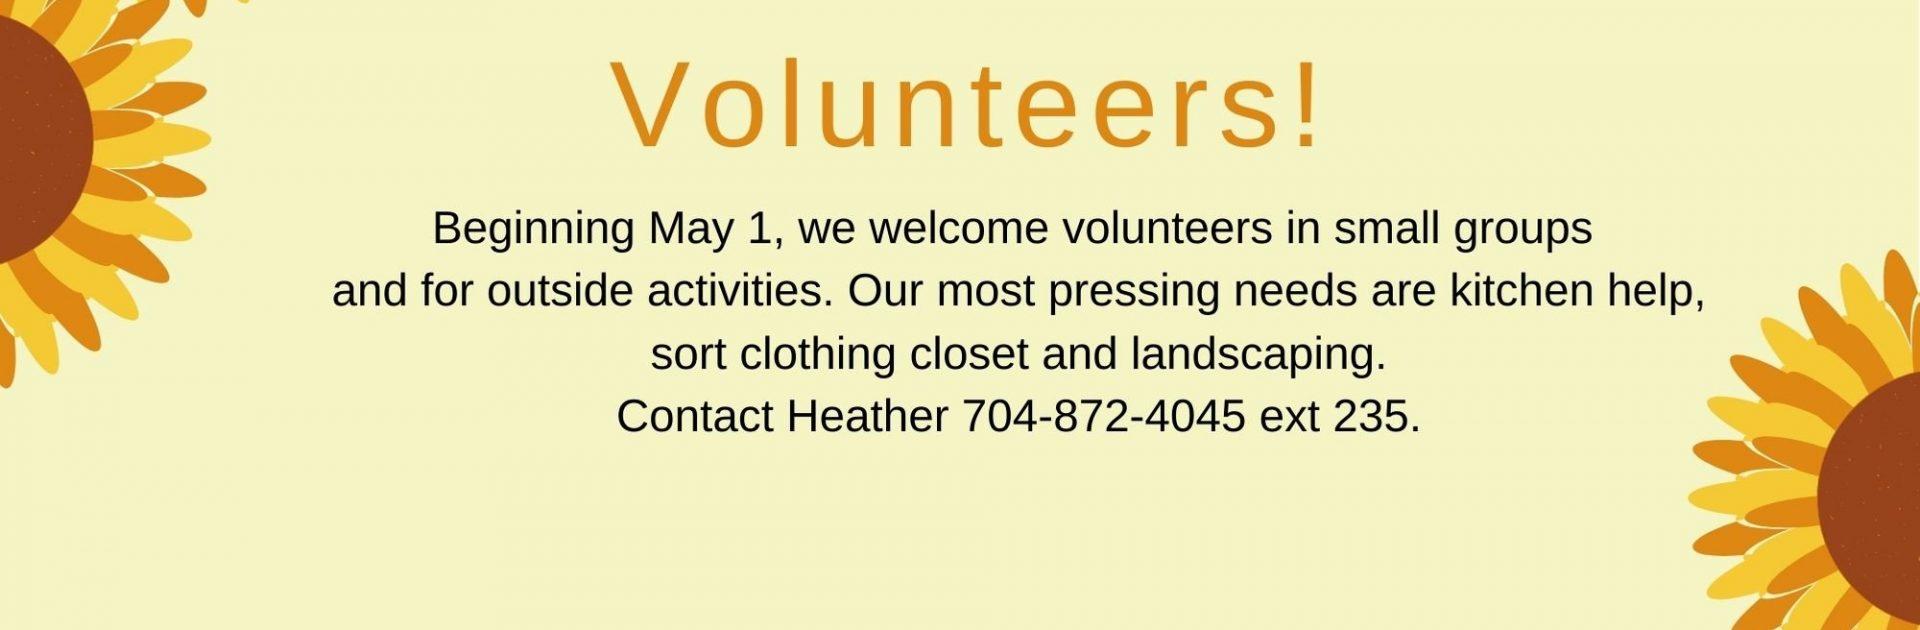 4.2021 Coming Soon Volunteers FINAL